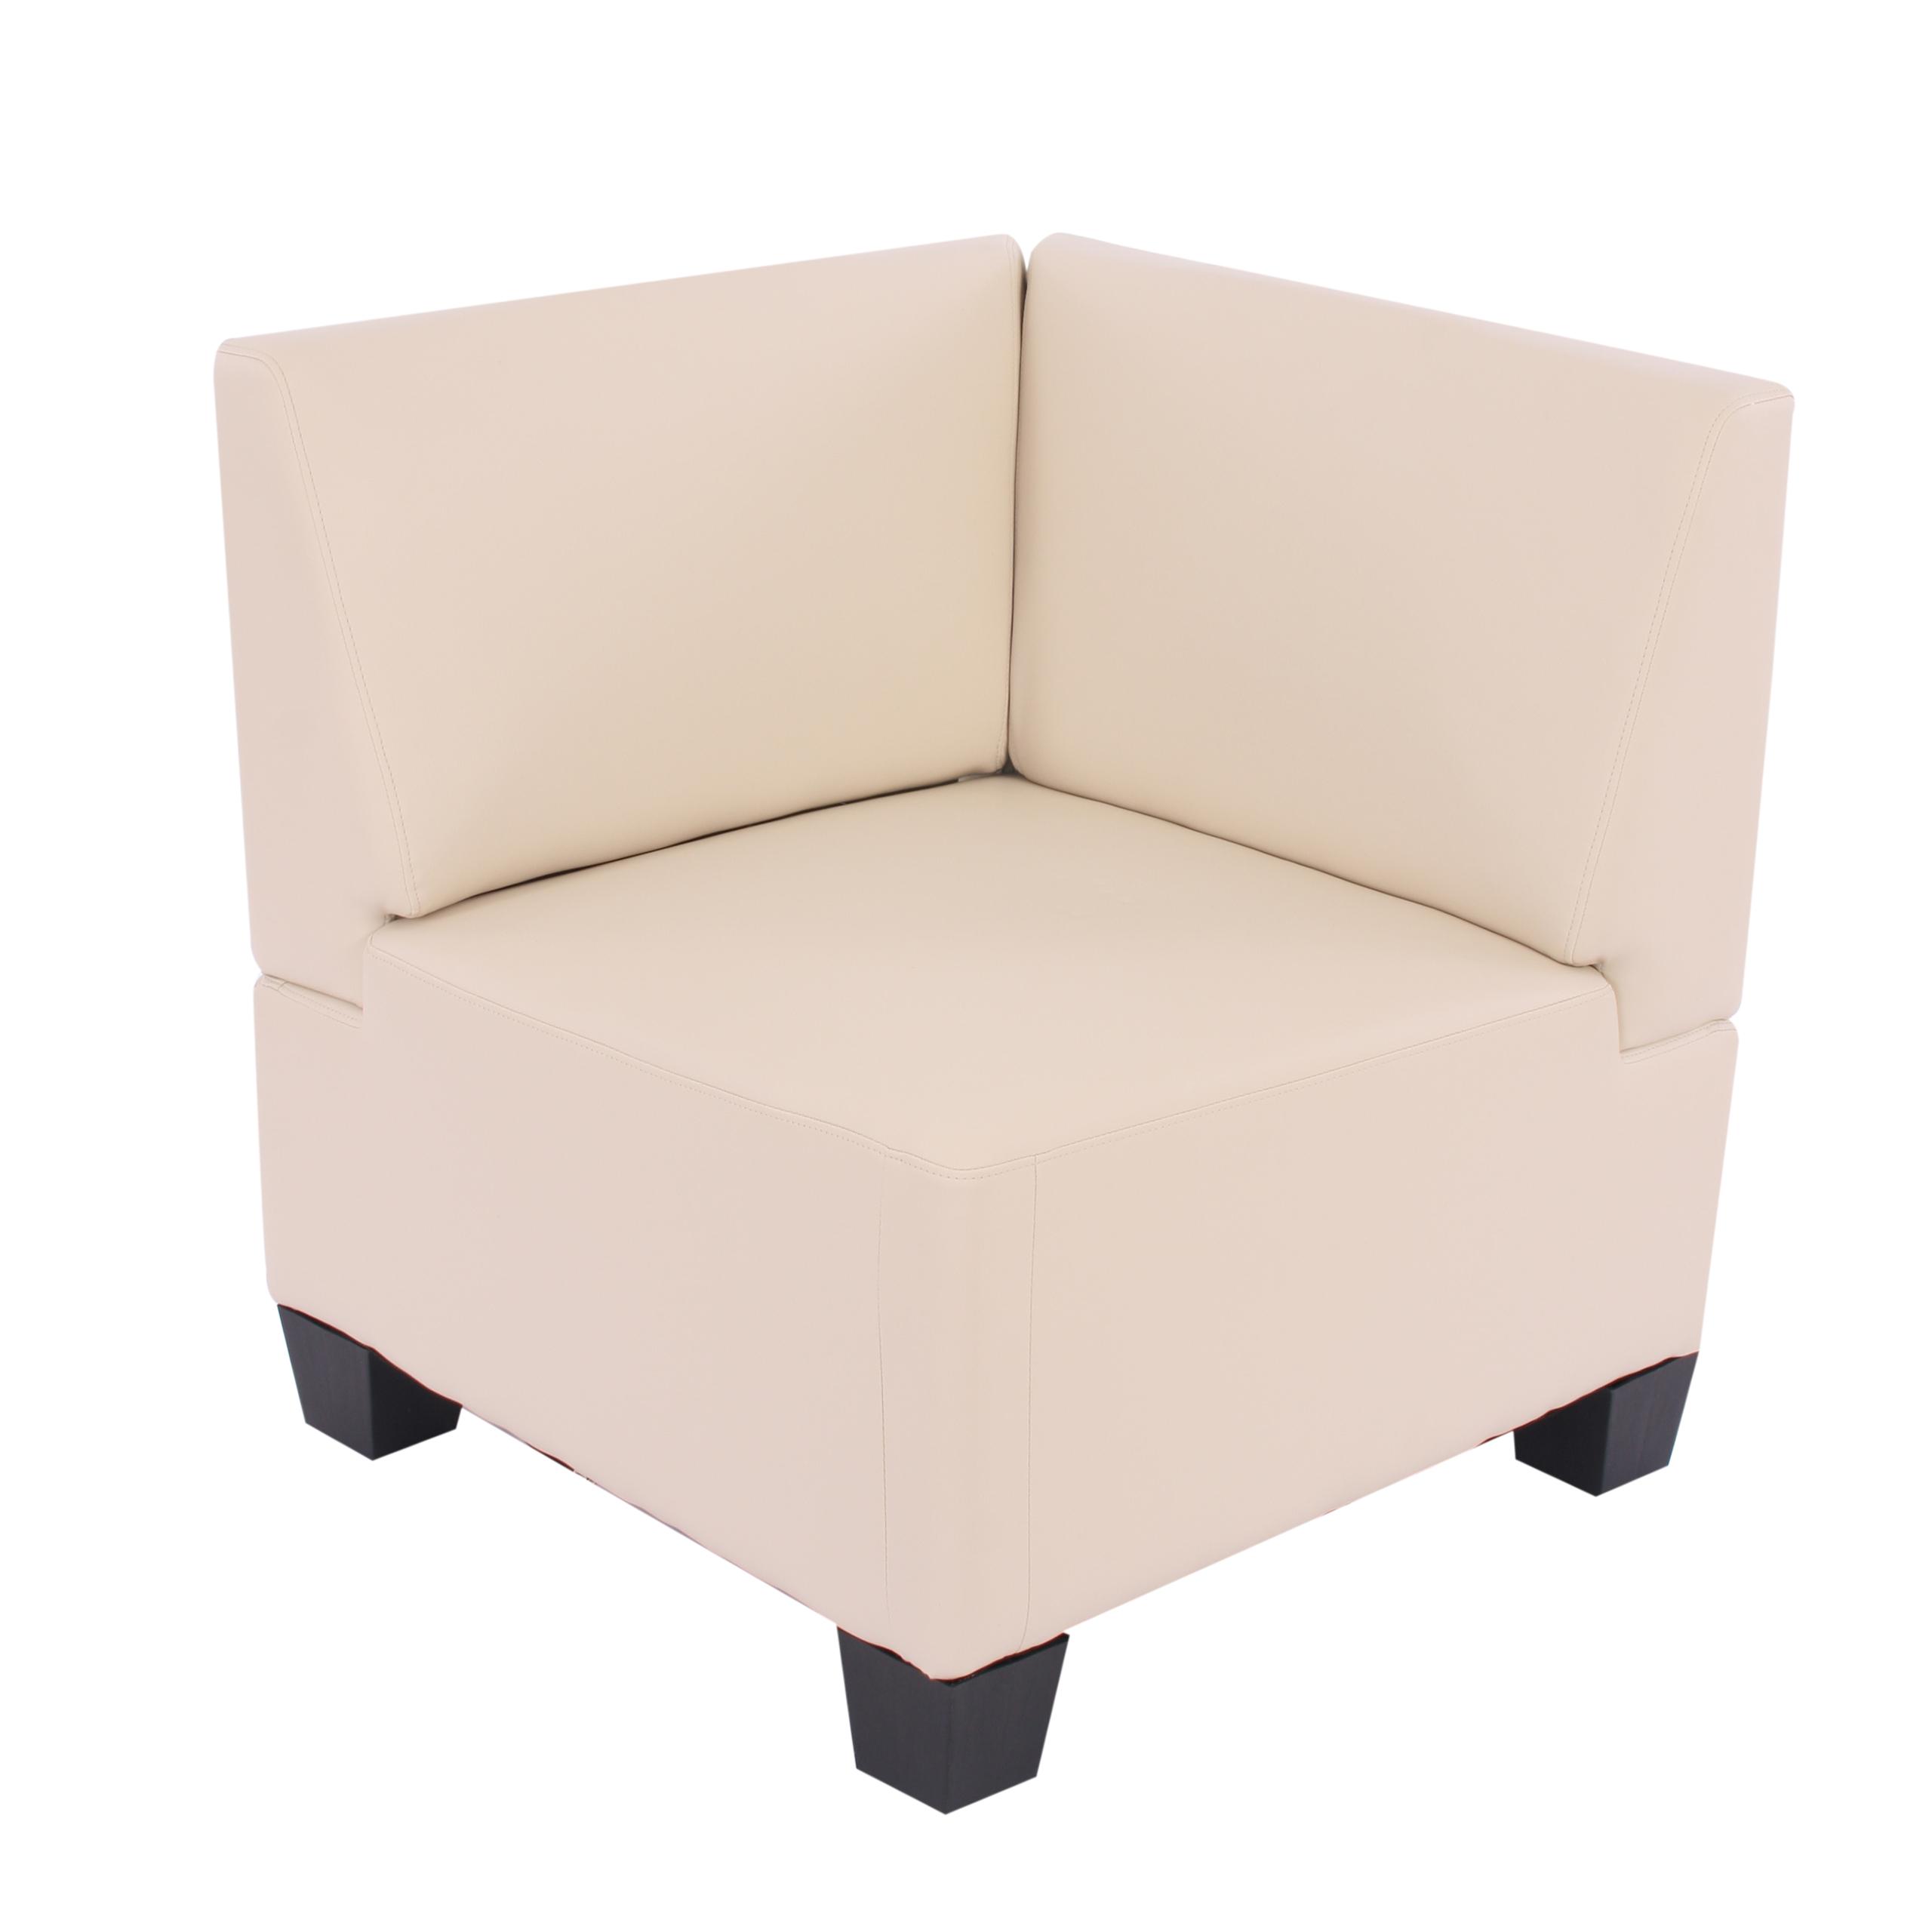 modular sofa system couch garnitur lyon 6 1 kunstleder creme. Black Bedroom Furniture Sets. Home Design Ideas